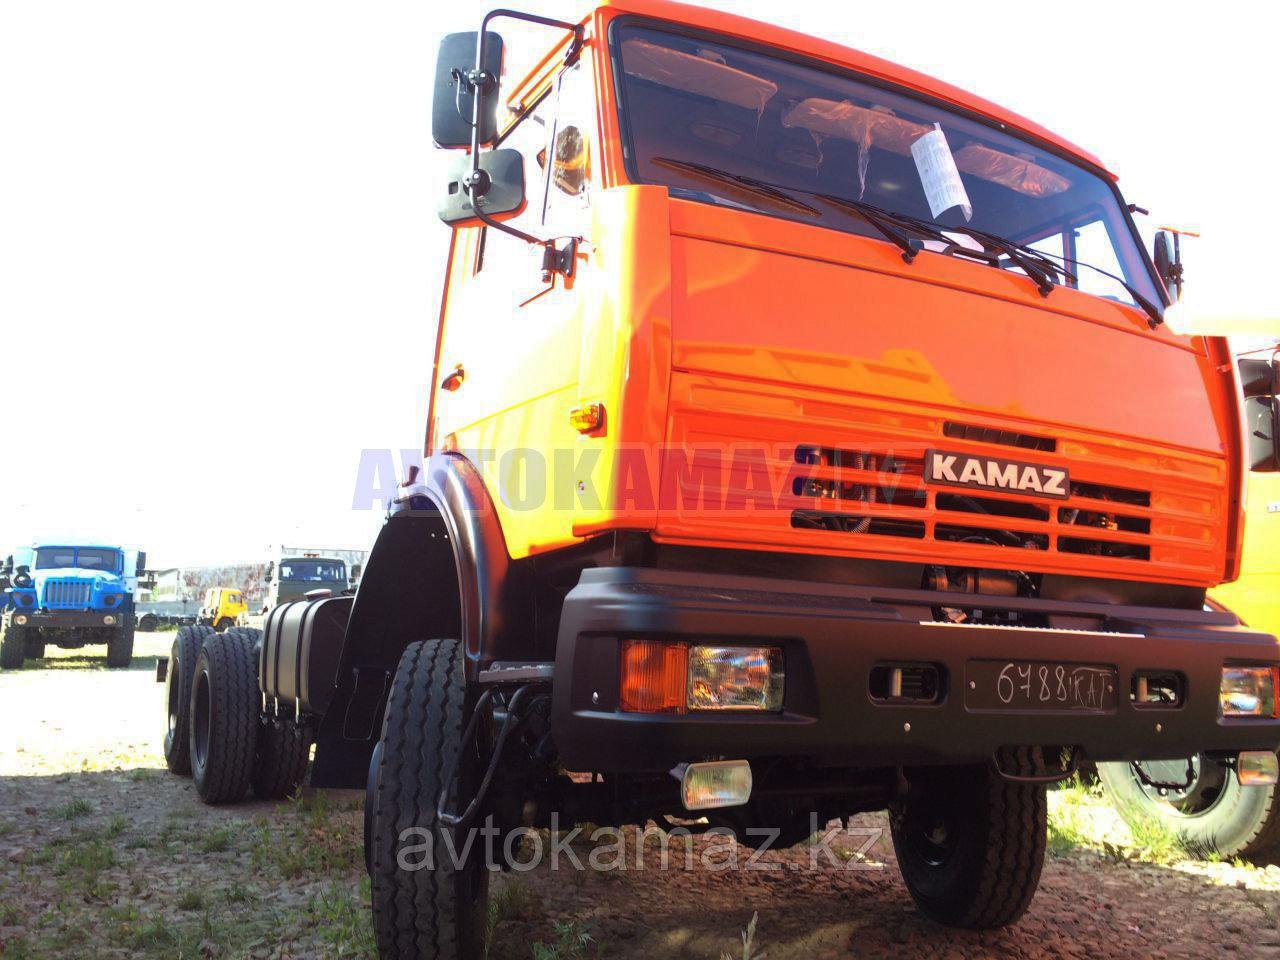 Шасси КамАЗ 53228-1960-15 (2016 г.)